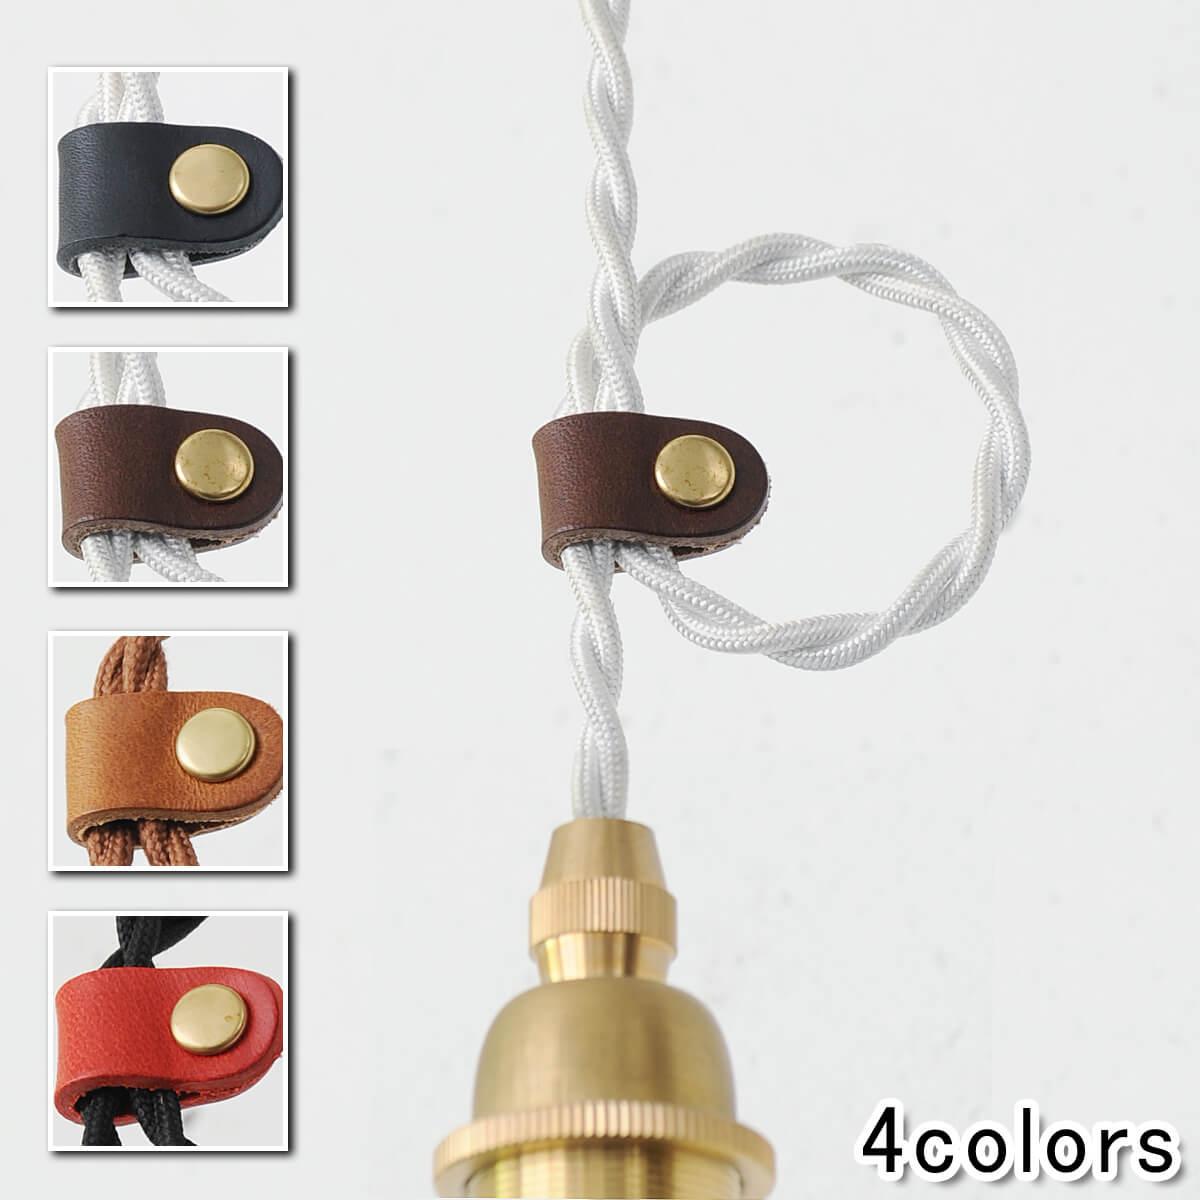 【コードクリップ ペンダントライト ペンダントランプ 照明 シンプル レザー  おしゃれ アンティーク調 アンティーク風】レザー コードクリップ